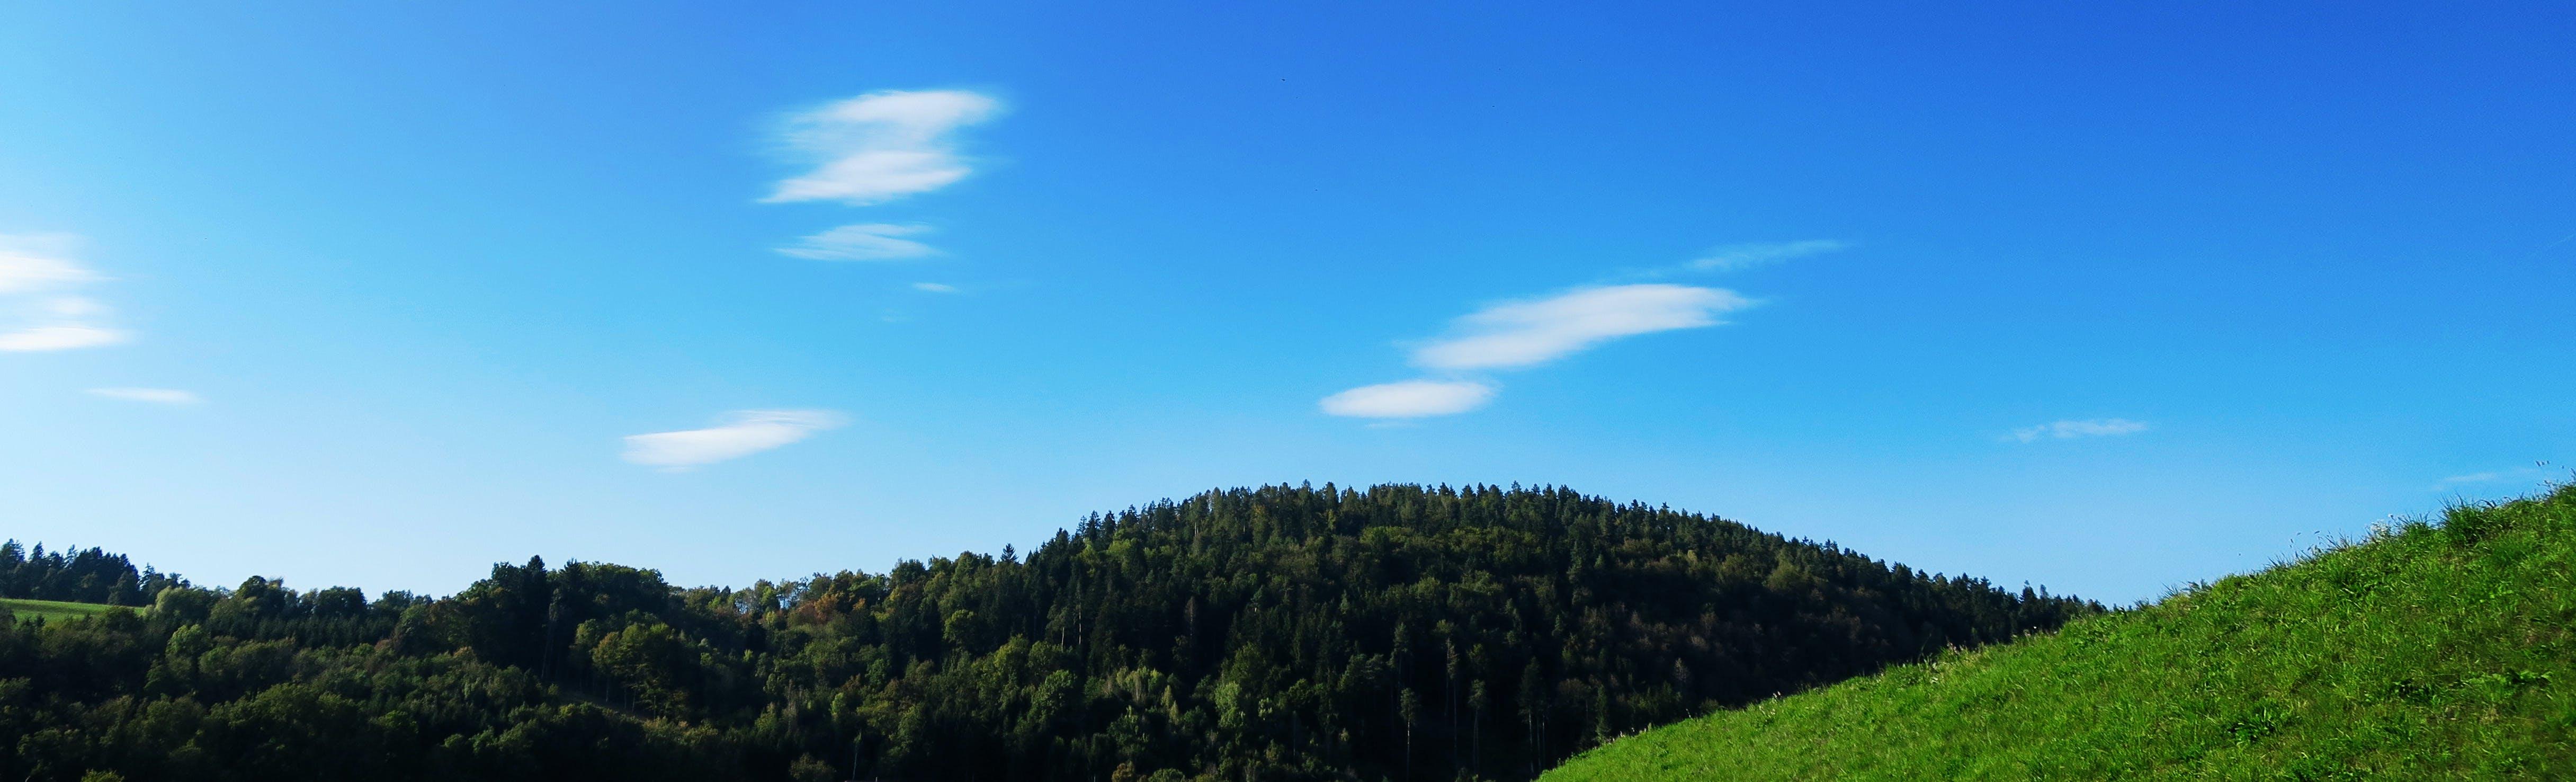 Fotos de stock gratuitas de árbol, azul, blanco, bosque